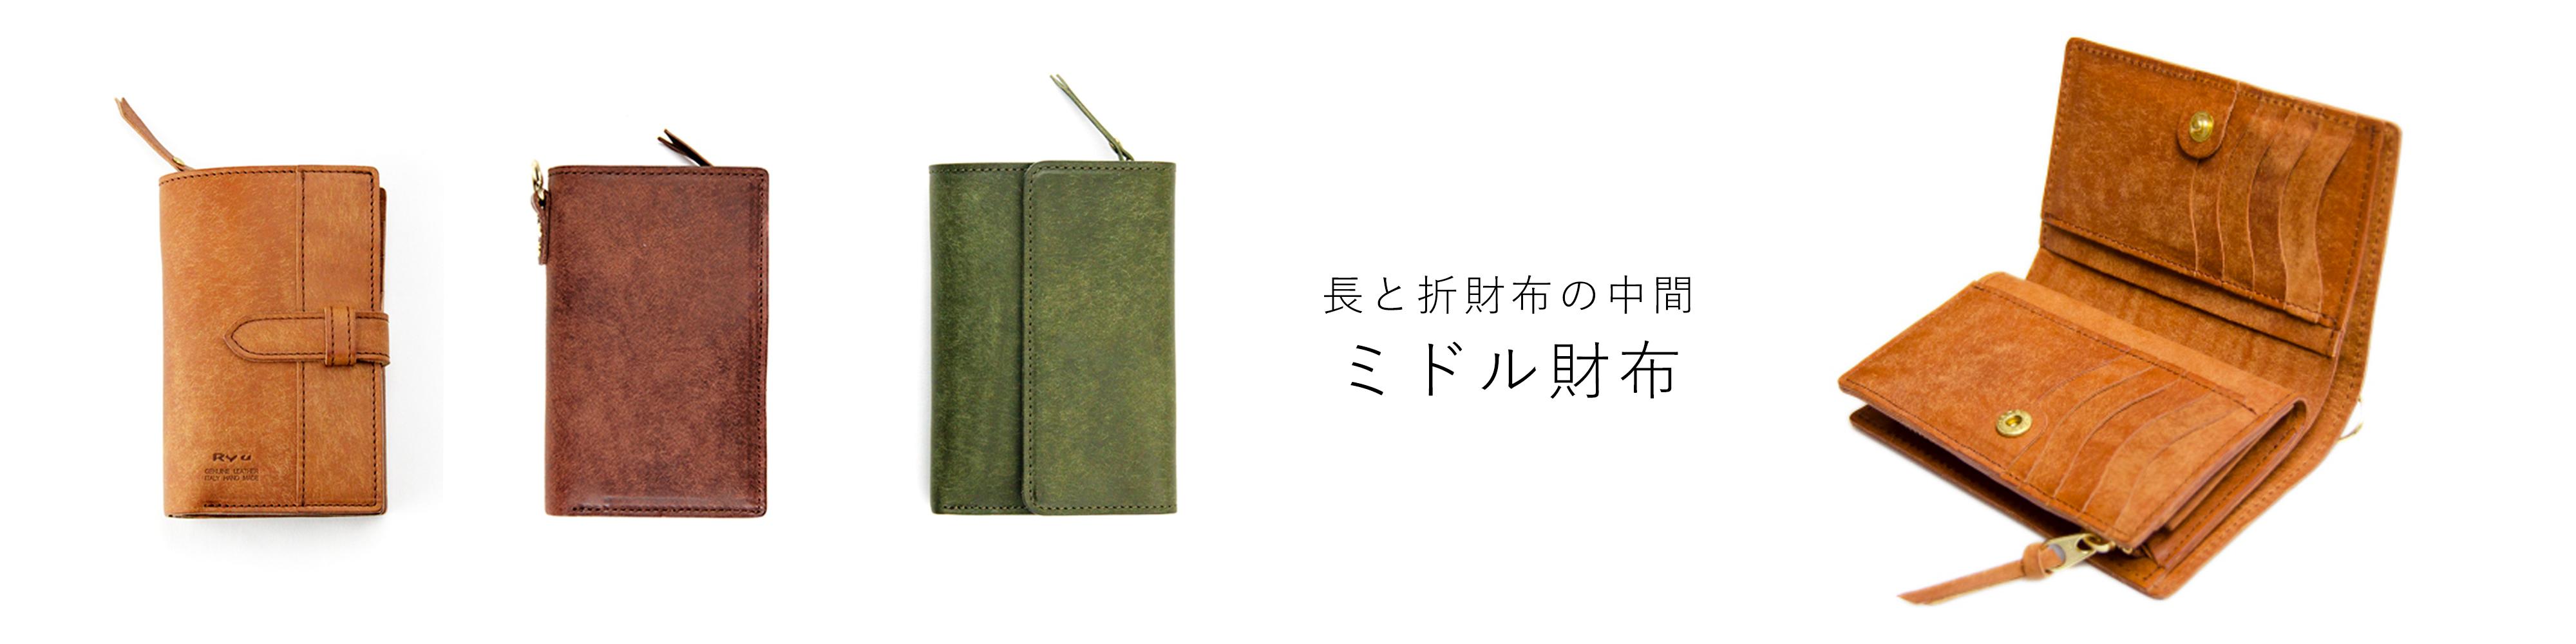 Pick Up / Ryu ミドル財布